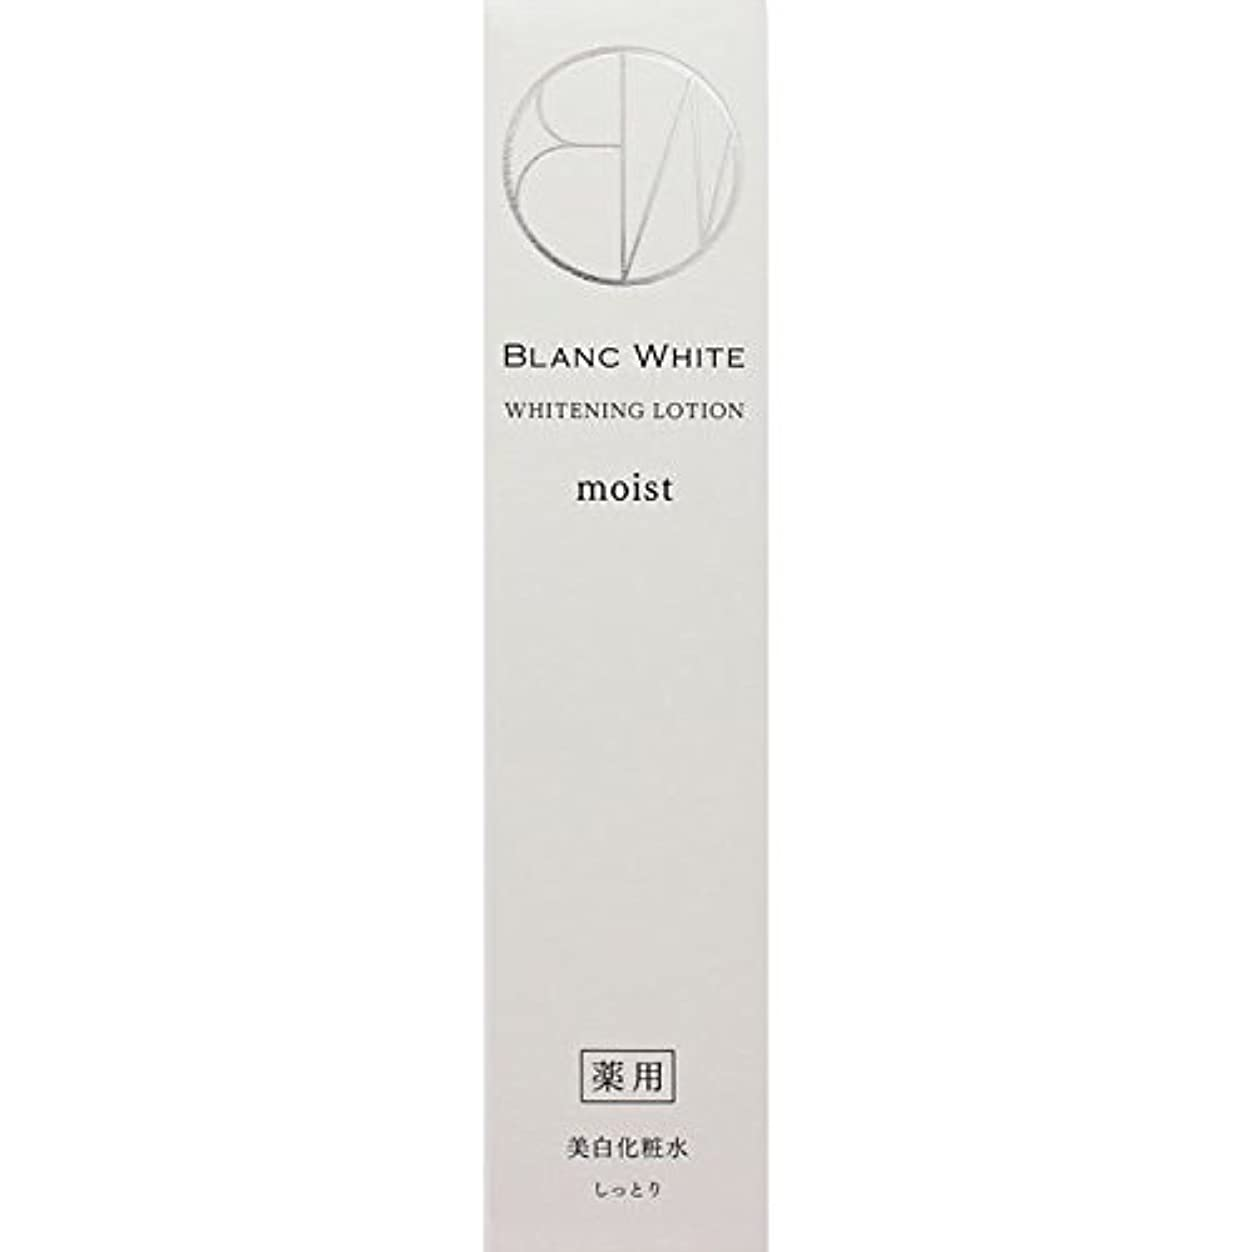 悲鳴和解する鎮静剤ブランホワイト ホワイトニングローション モイスト 160ml (医薬部外品)